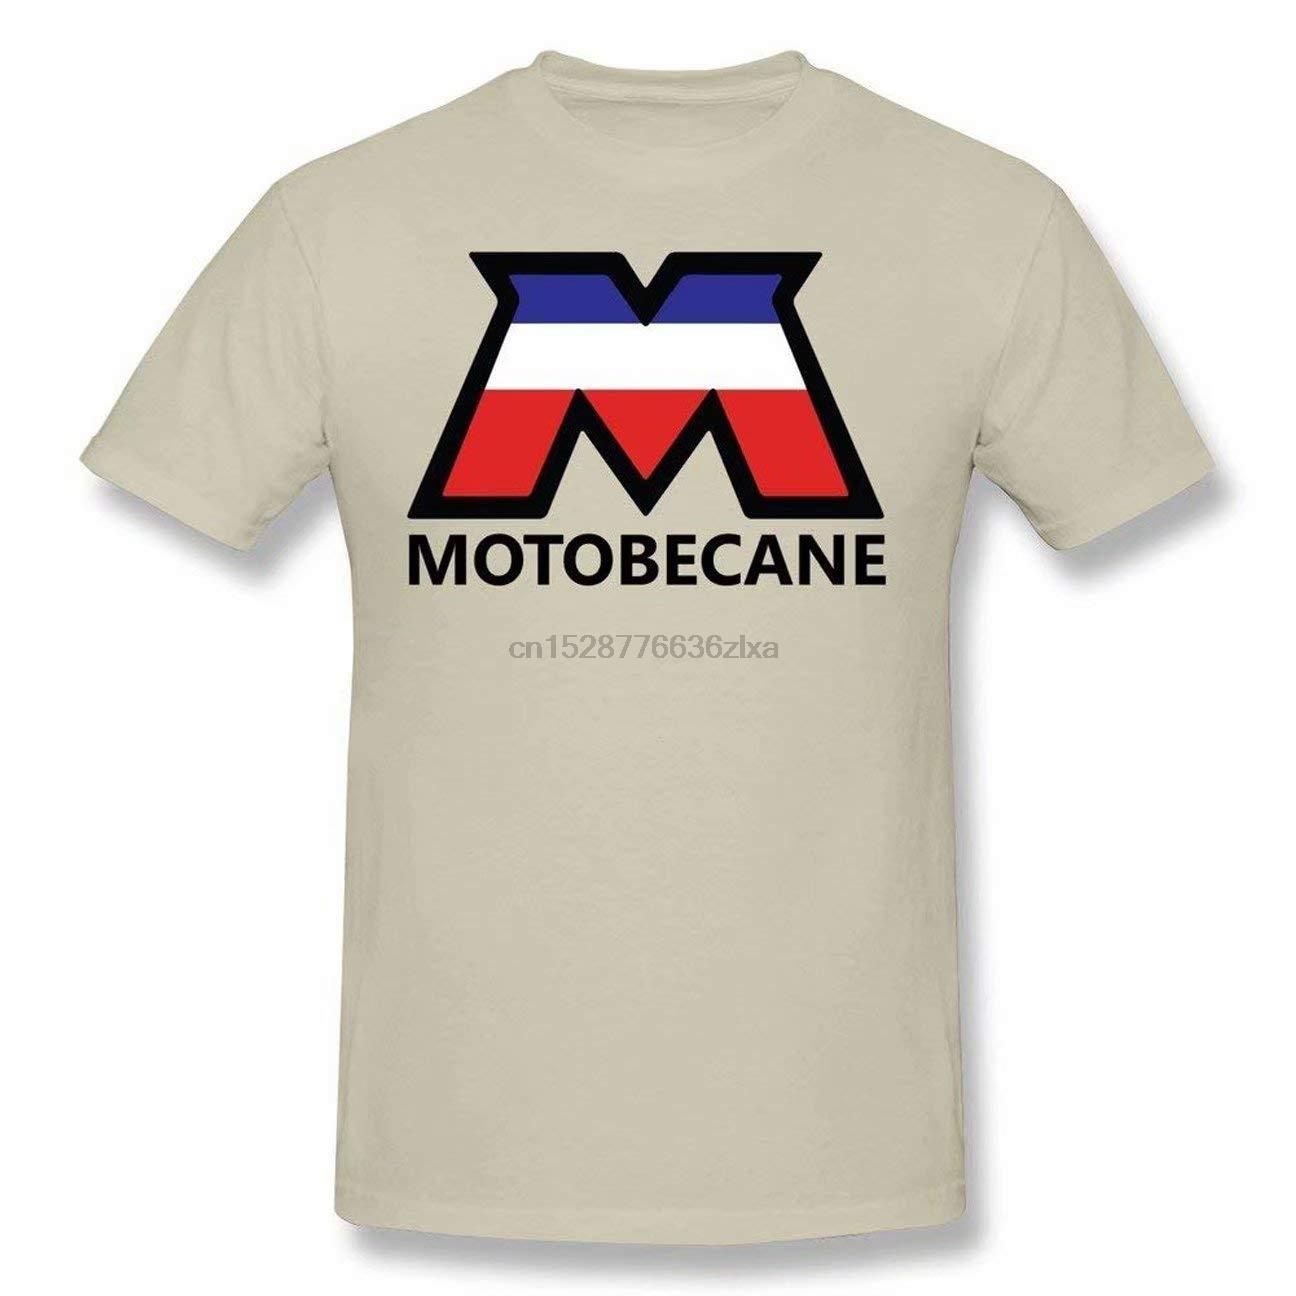 Hombres Motobecane Genérico camiseta del logotipo de algodón